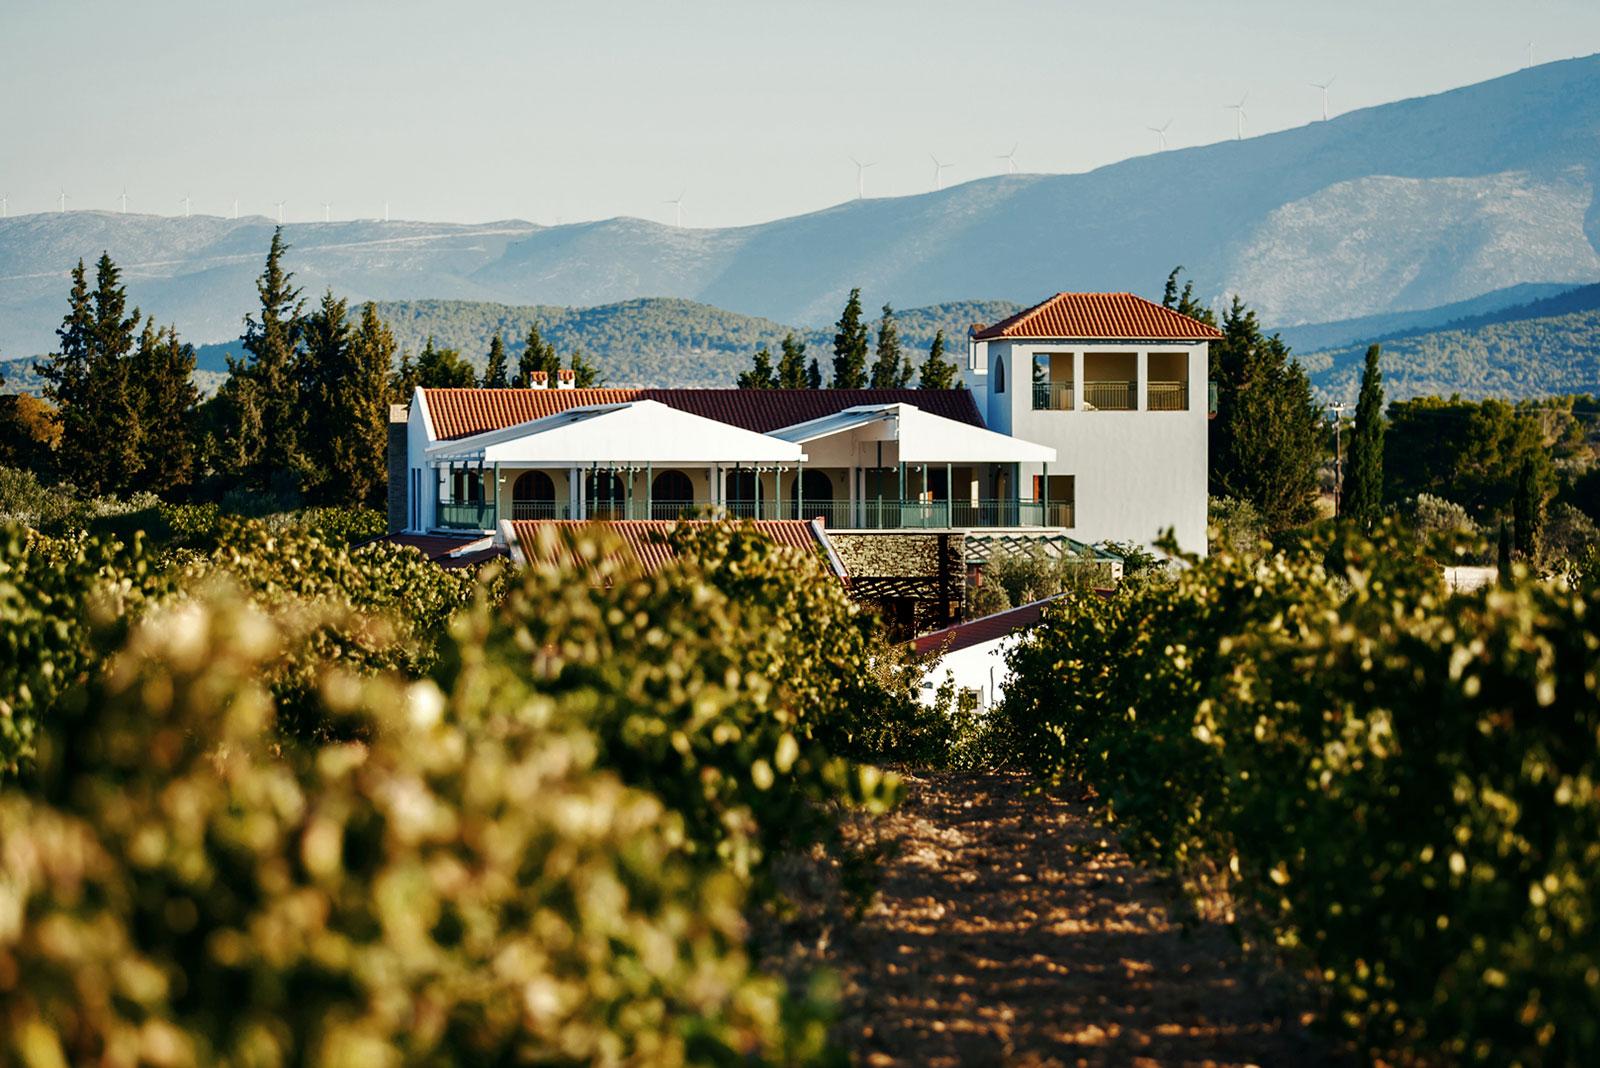 Tour & Wine Tasting at Kaniaris Tower, Megara